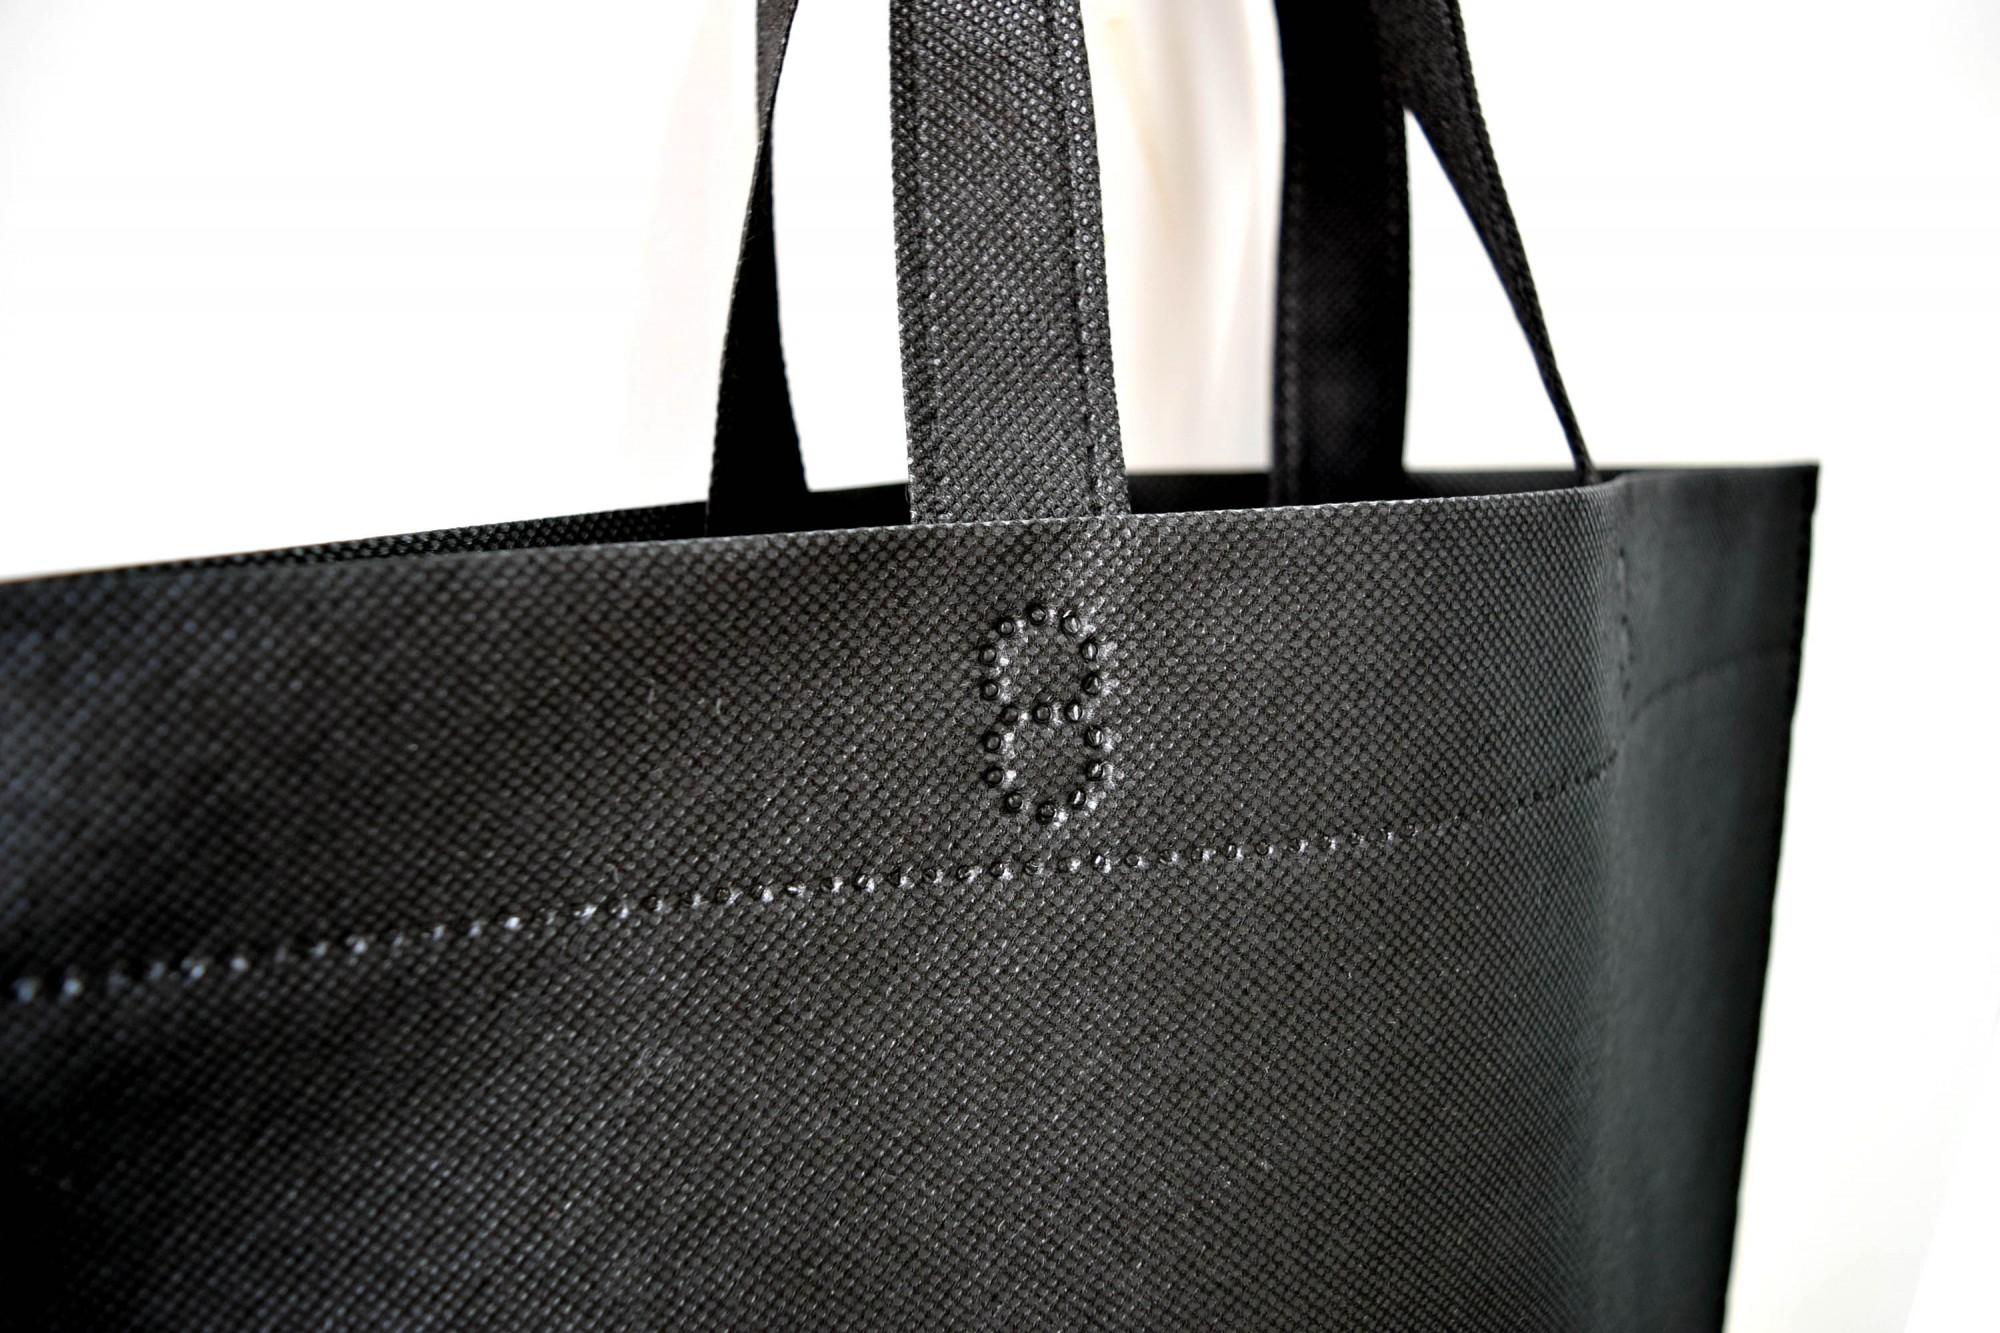 ハウスメーカー開催のモデルハウス・イベント用。低価格の超音波縫製のA3不織布バッグ。持ち手部分。